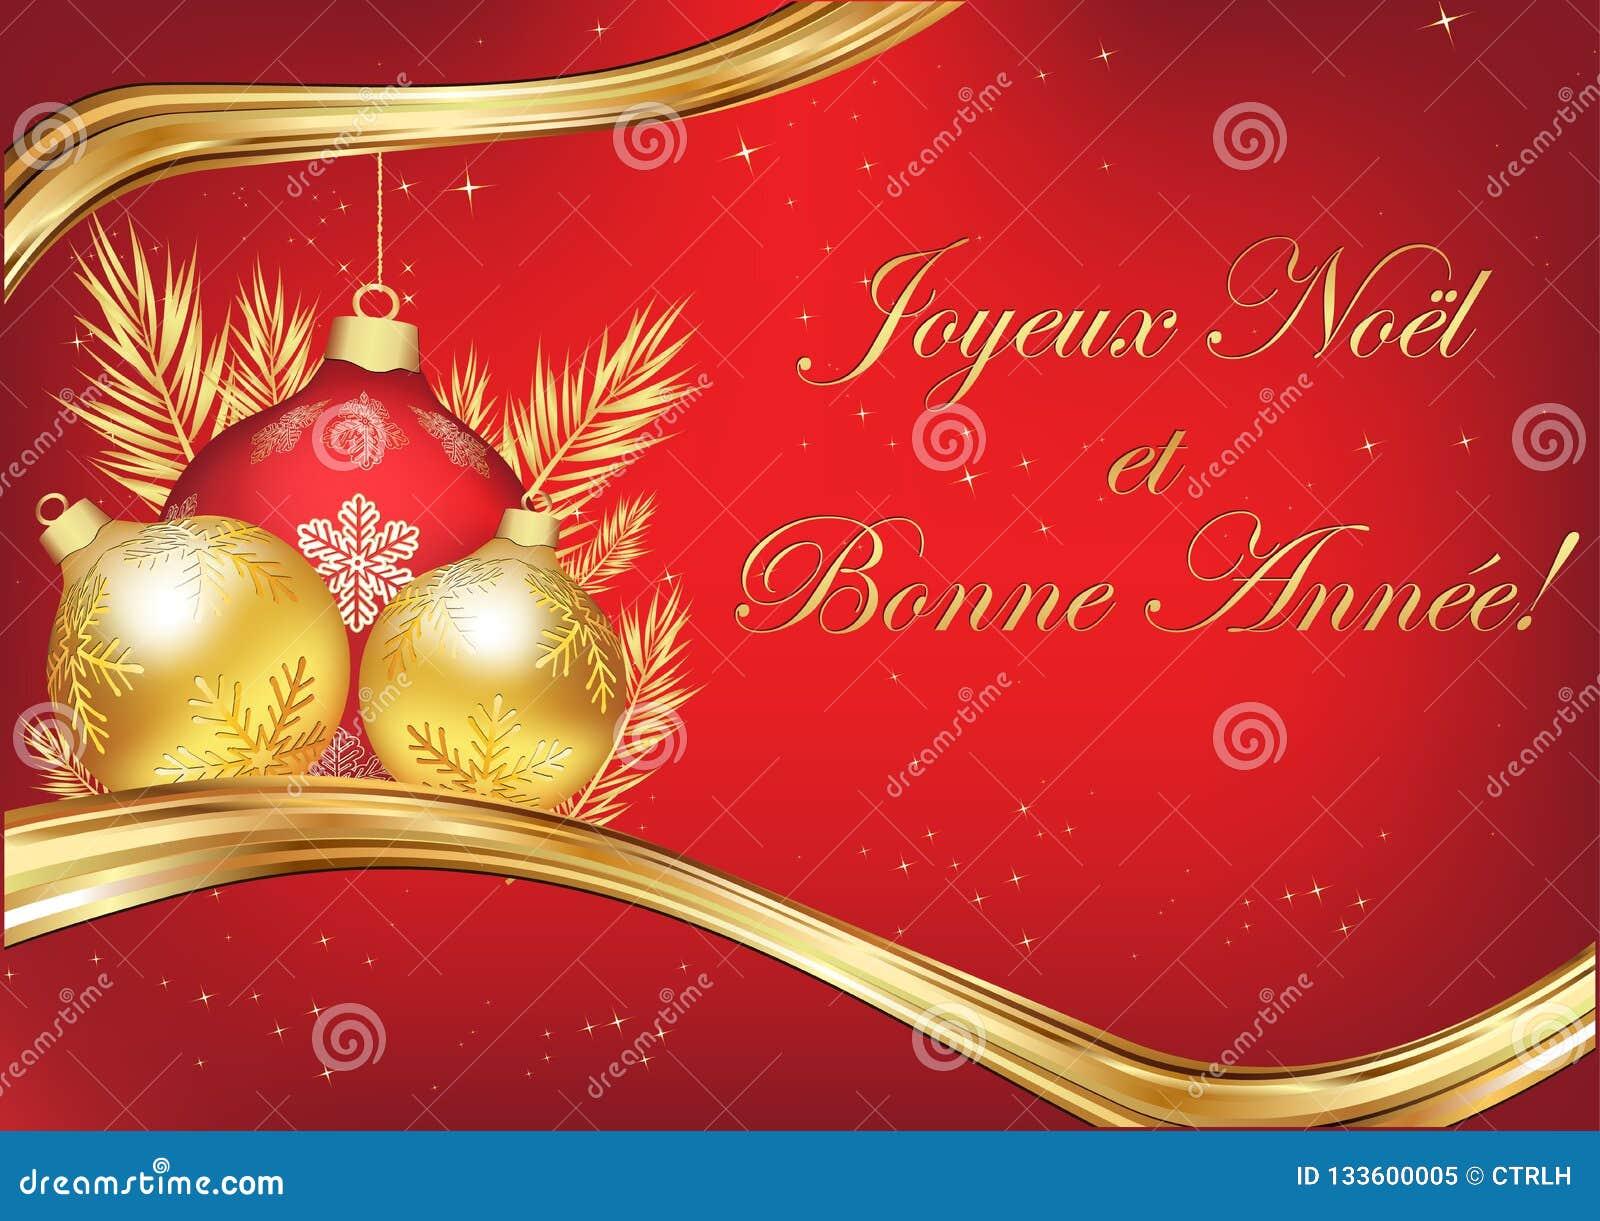 Joyeux Noël Et Bonne Année   Carte De Voeux Française Classique